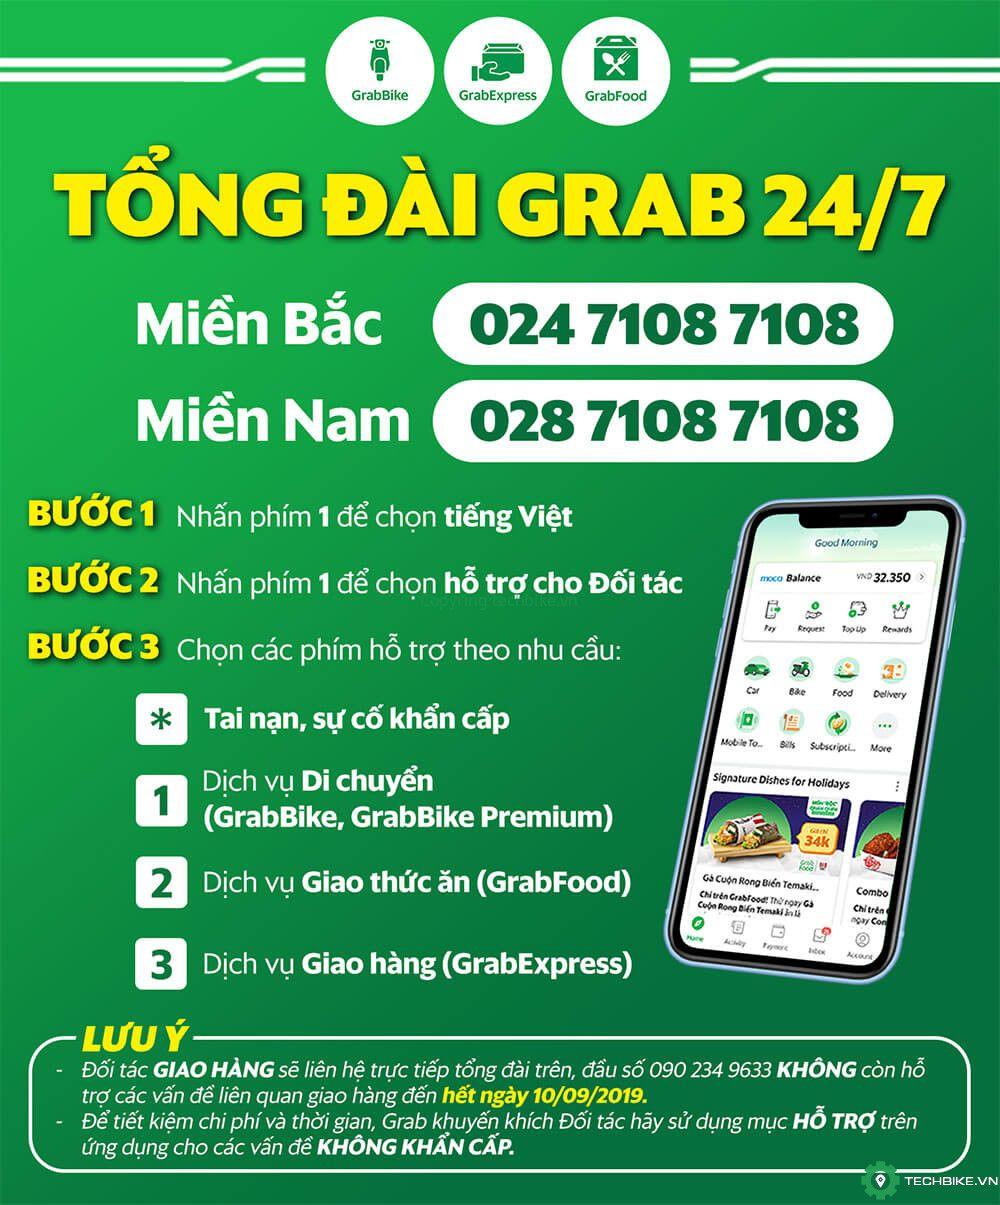 Tong-dai-ho-tro-Grab-24-24